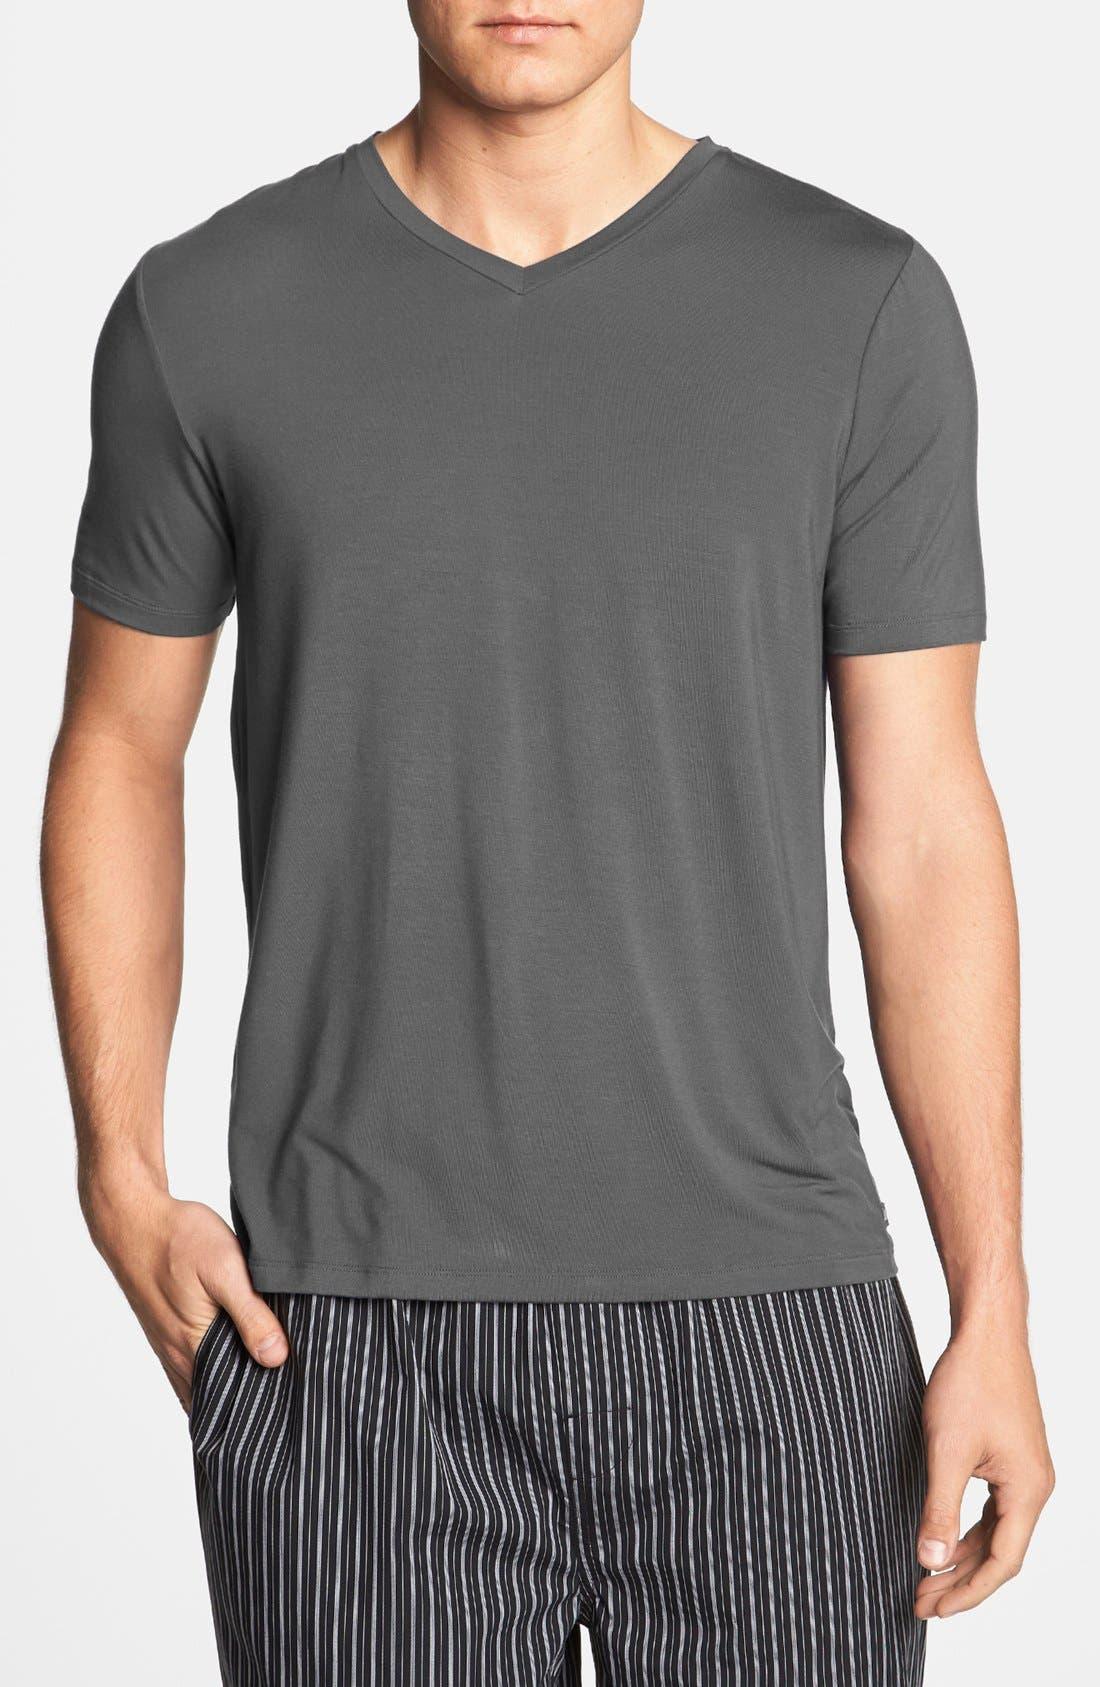 Alternate Image 1 Selected - Michael Kors V-Neck T-Shirt